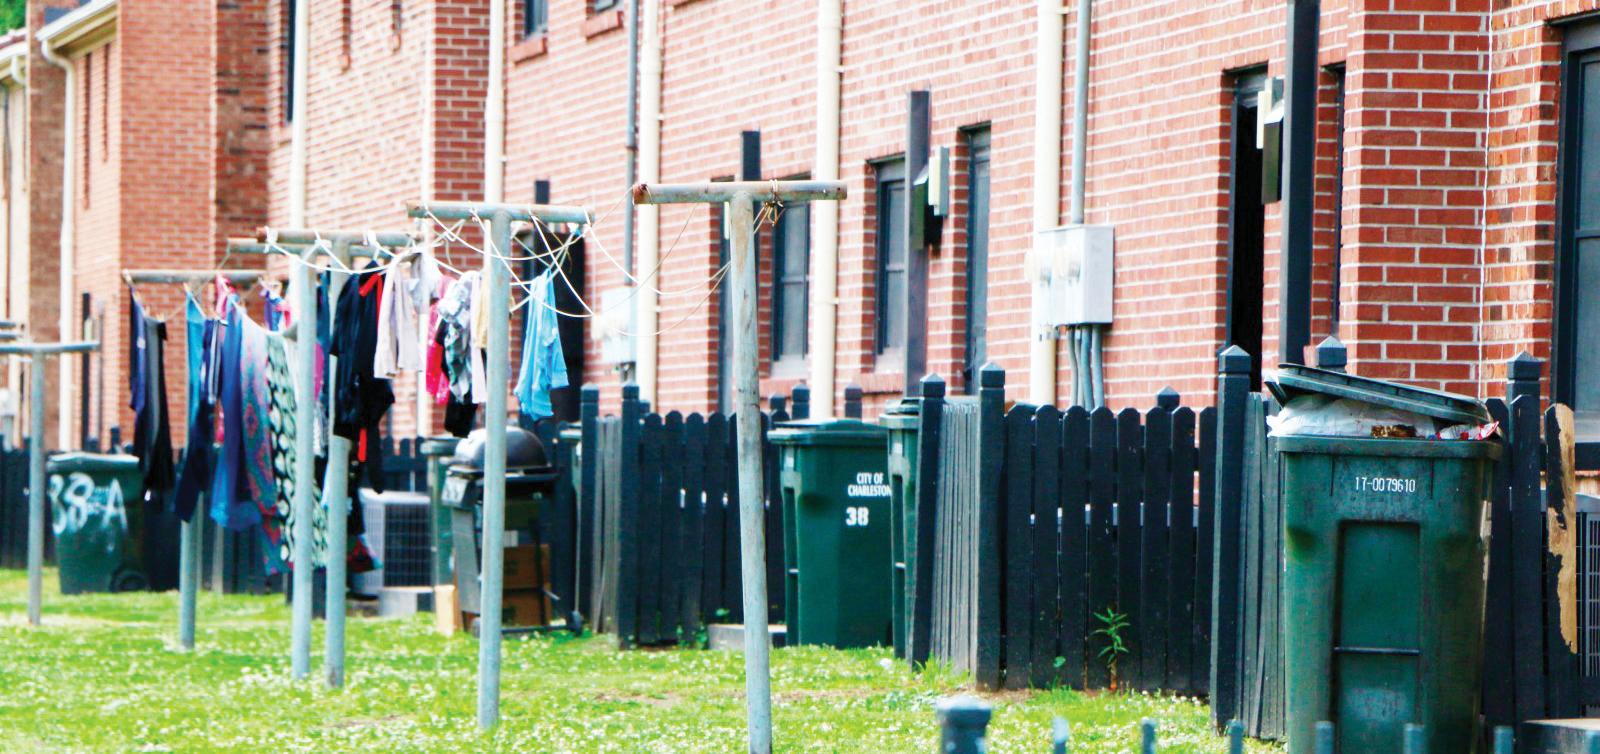 Destinan $24 millones para reparar viviendas públicas